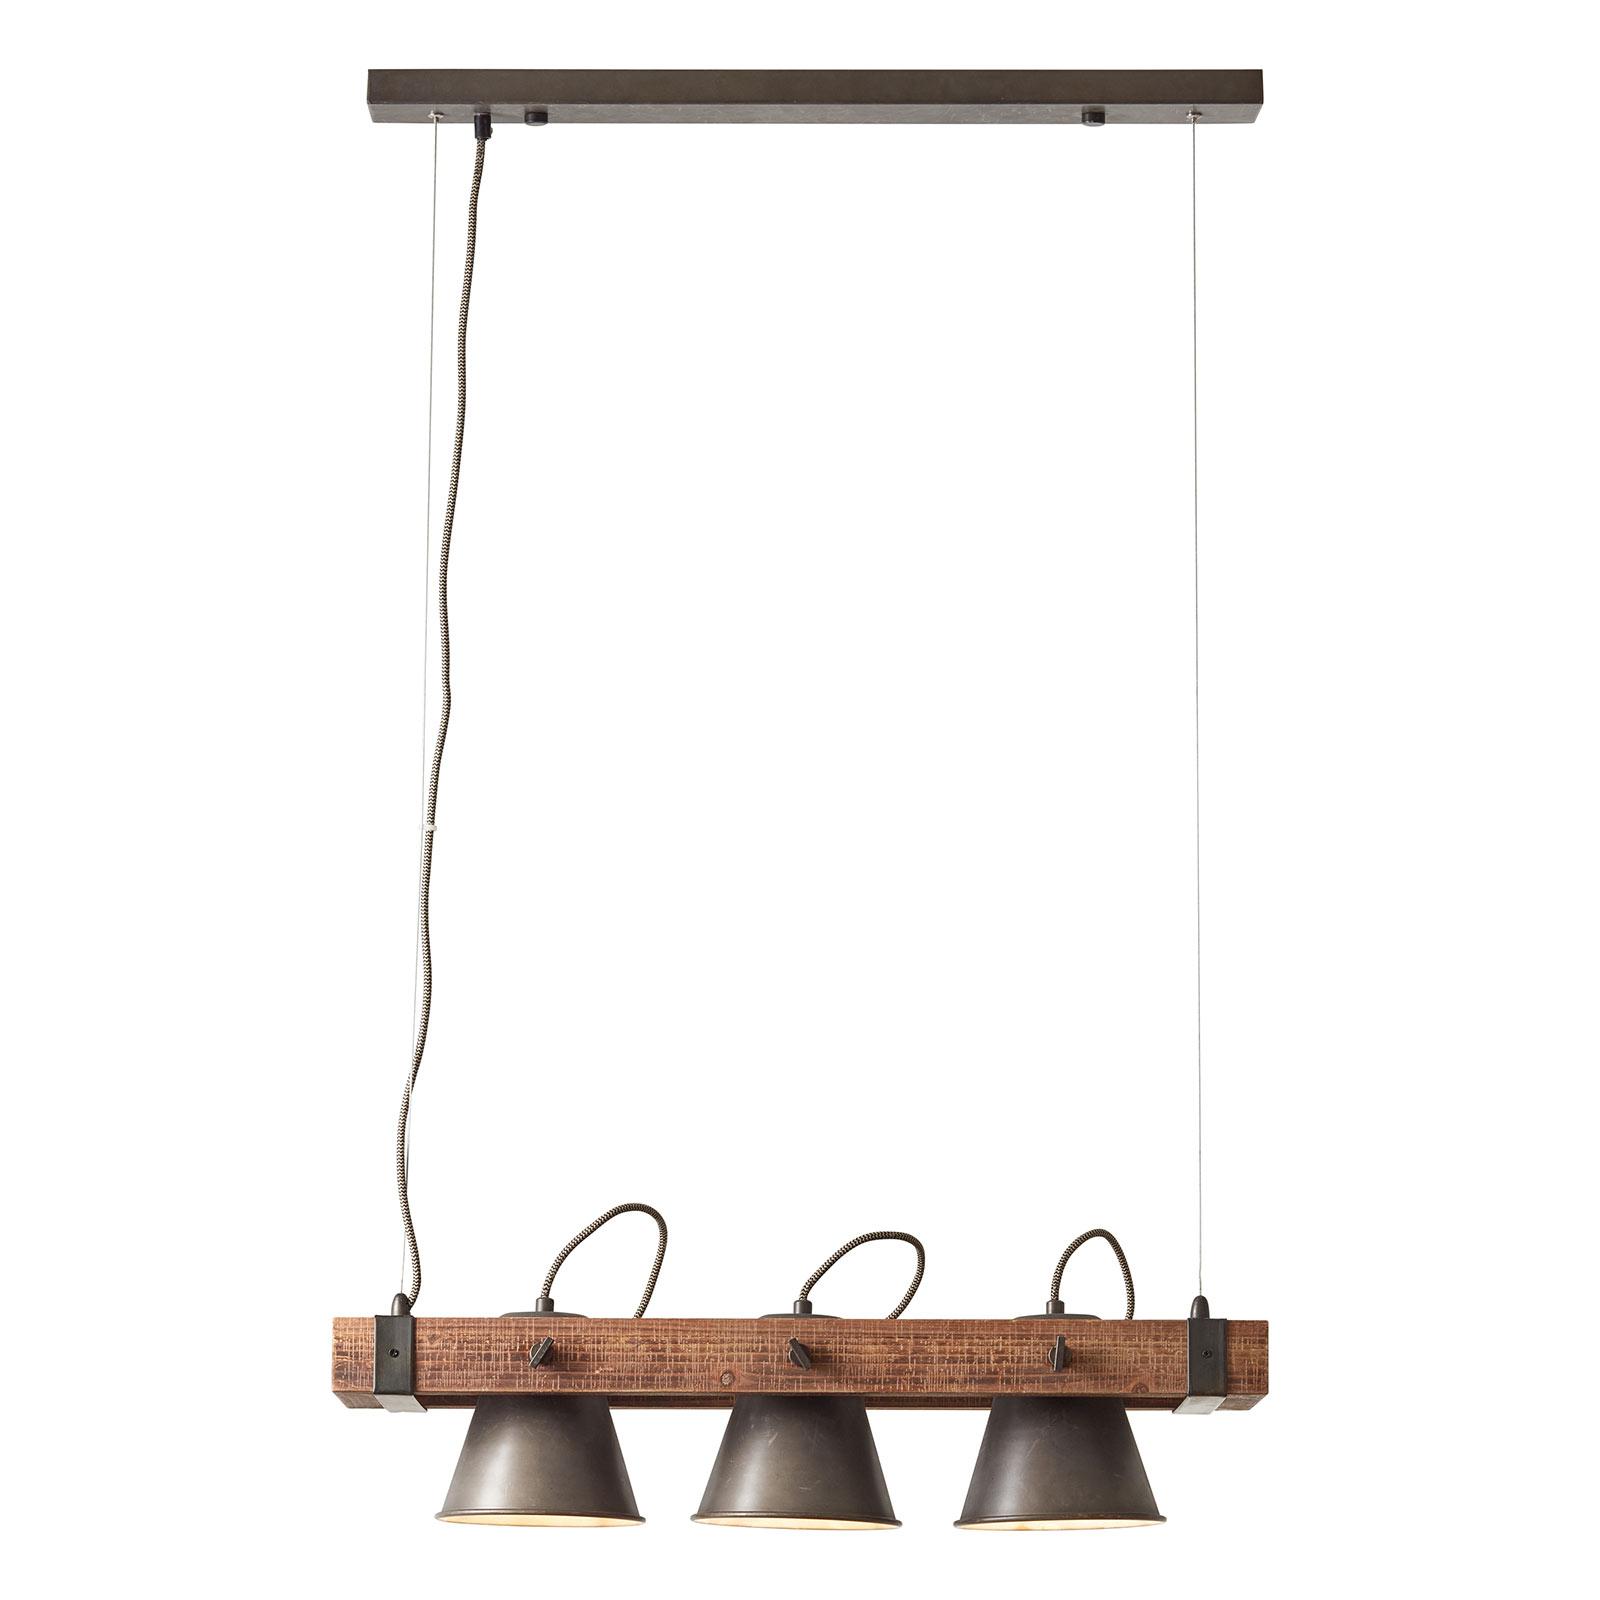 Acquista Lampada a sospensione Plow a 3 luci nero/legno